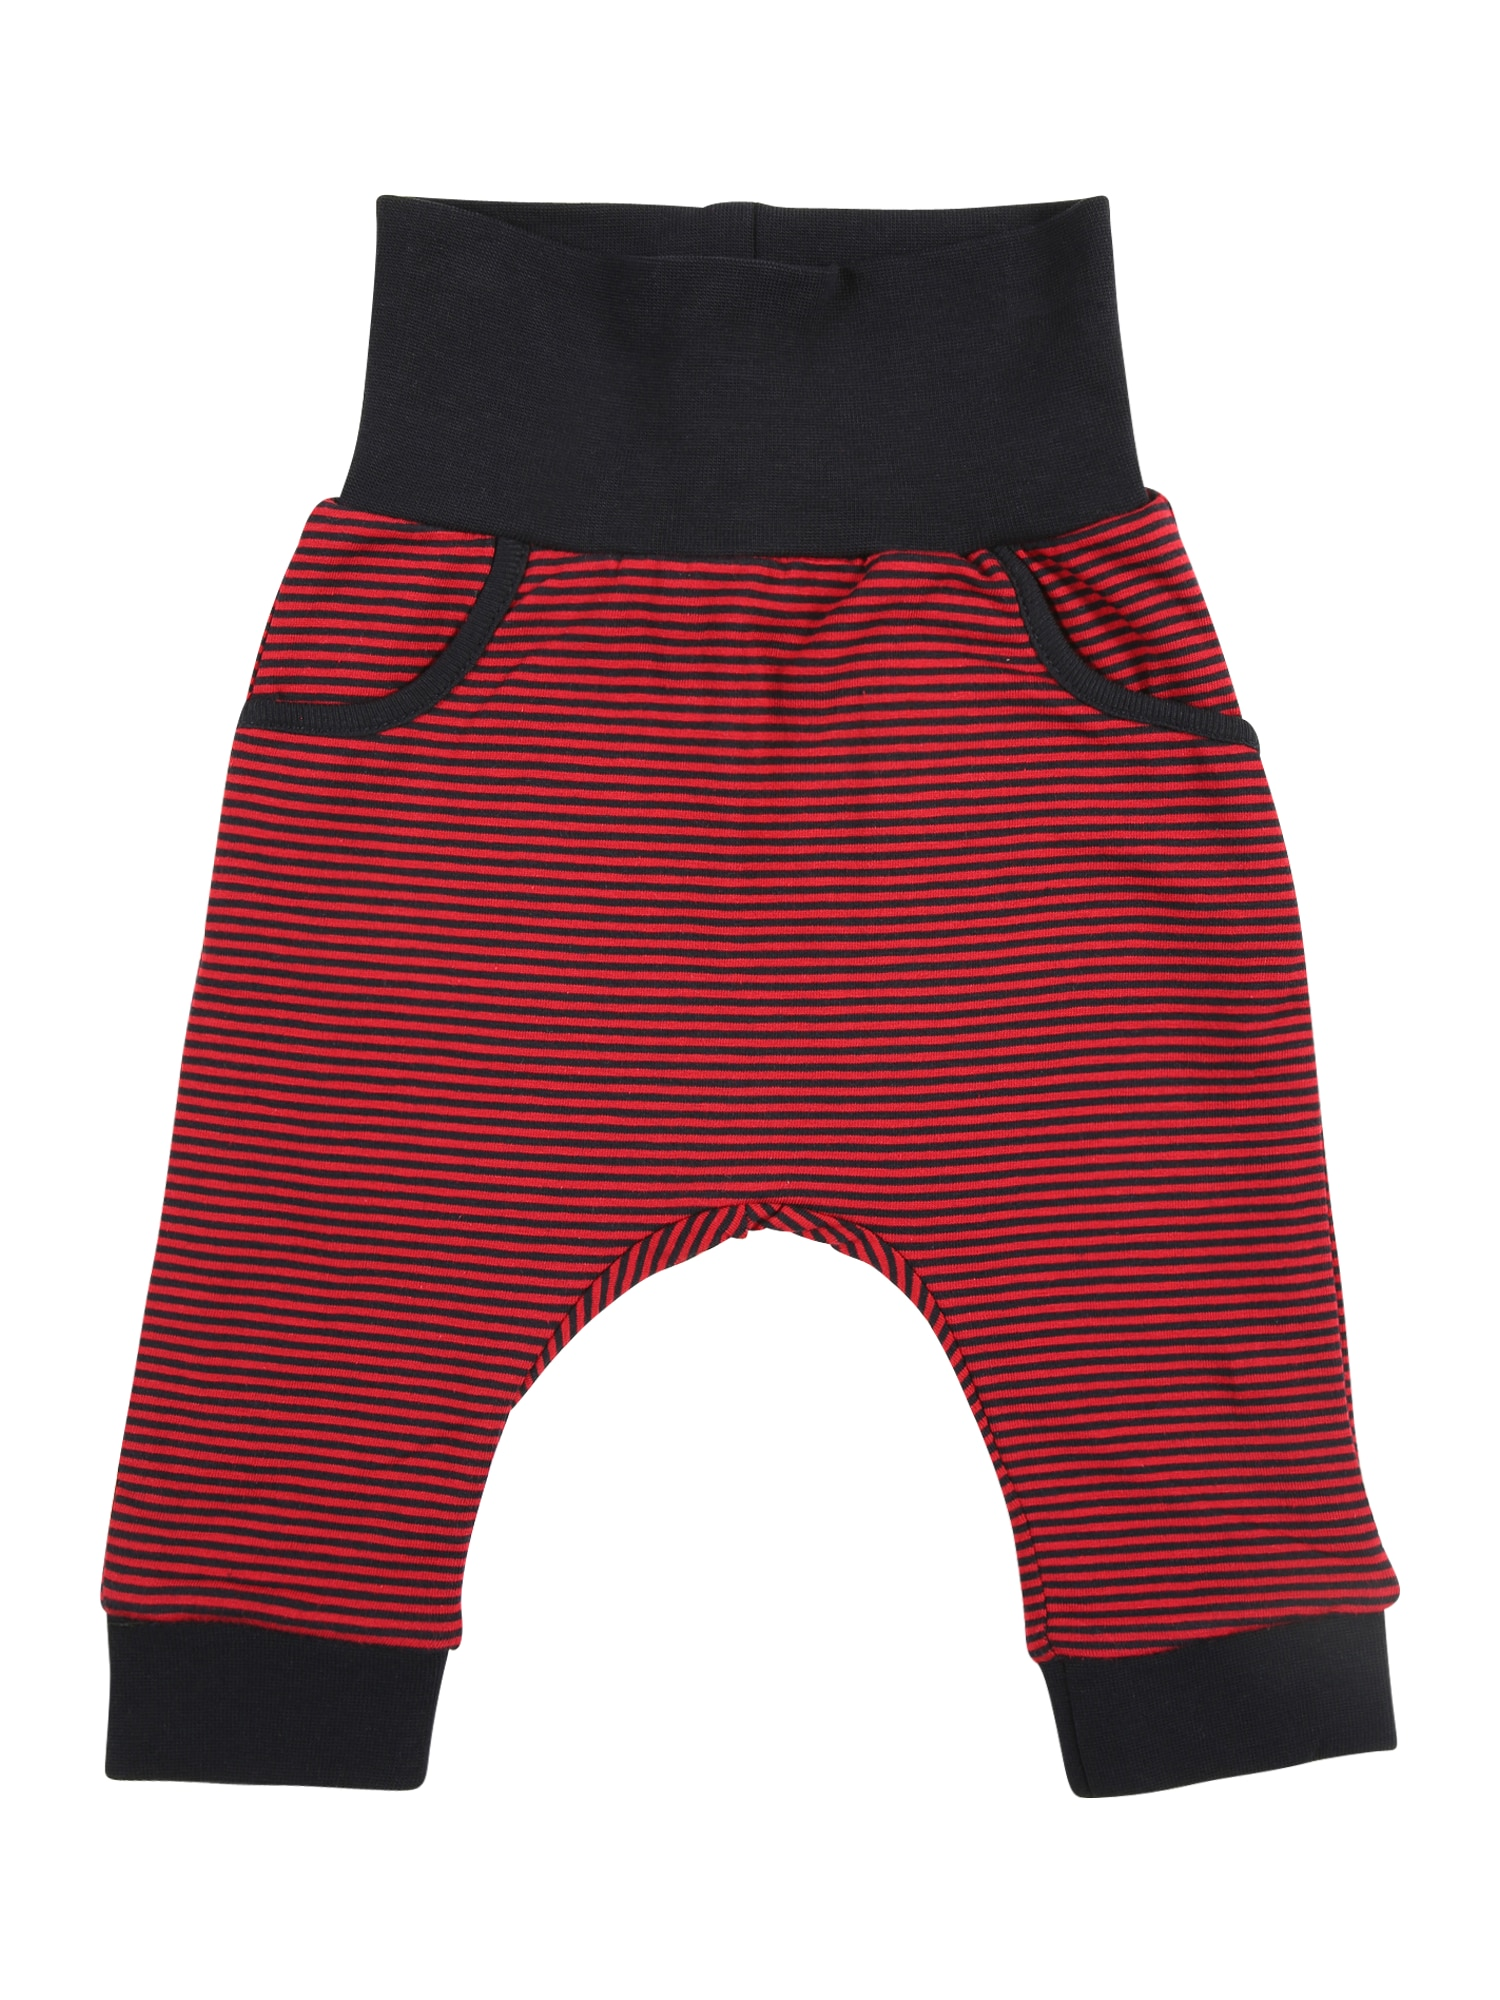 Steiff,Steiff Collection Kinder,Jungen Jerseyhose mit Teddy-Applikation blau,rot | 04056178842863